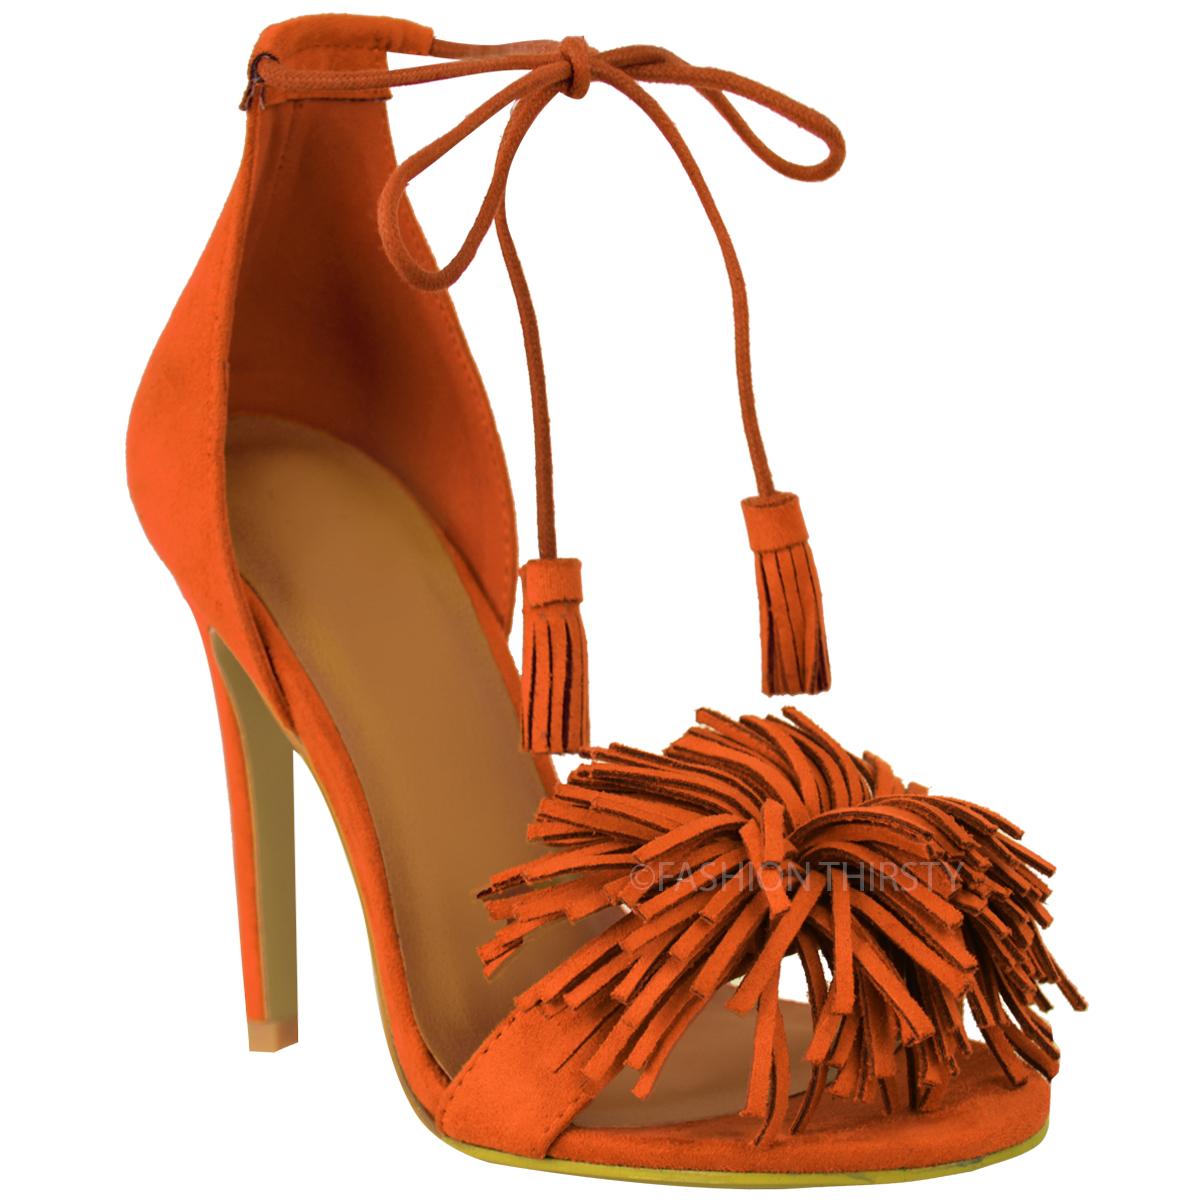 damen damen lace up high heel sandalen quaste fringe. Black Bedroom Furniture Sets. Home Design Ideas